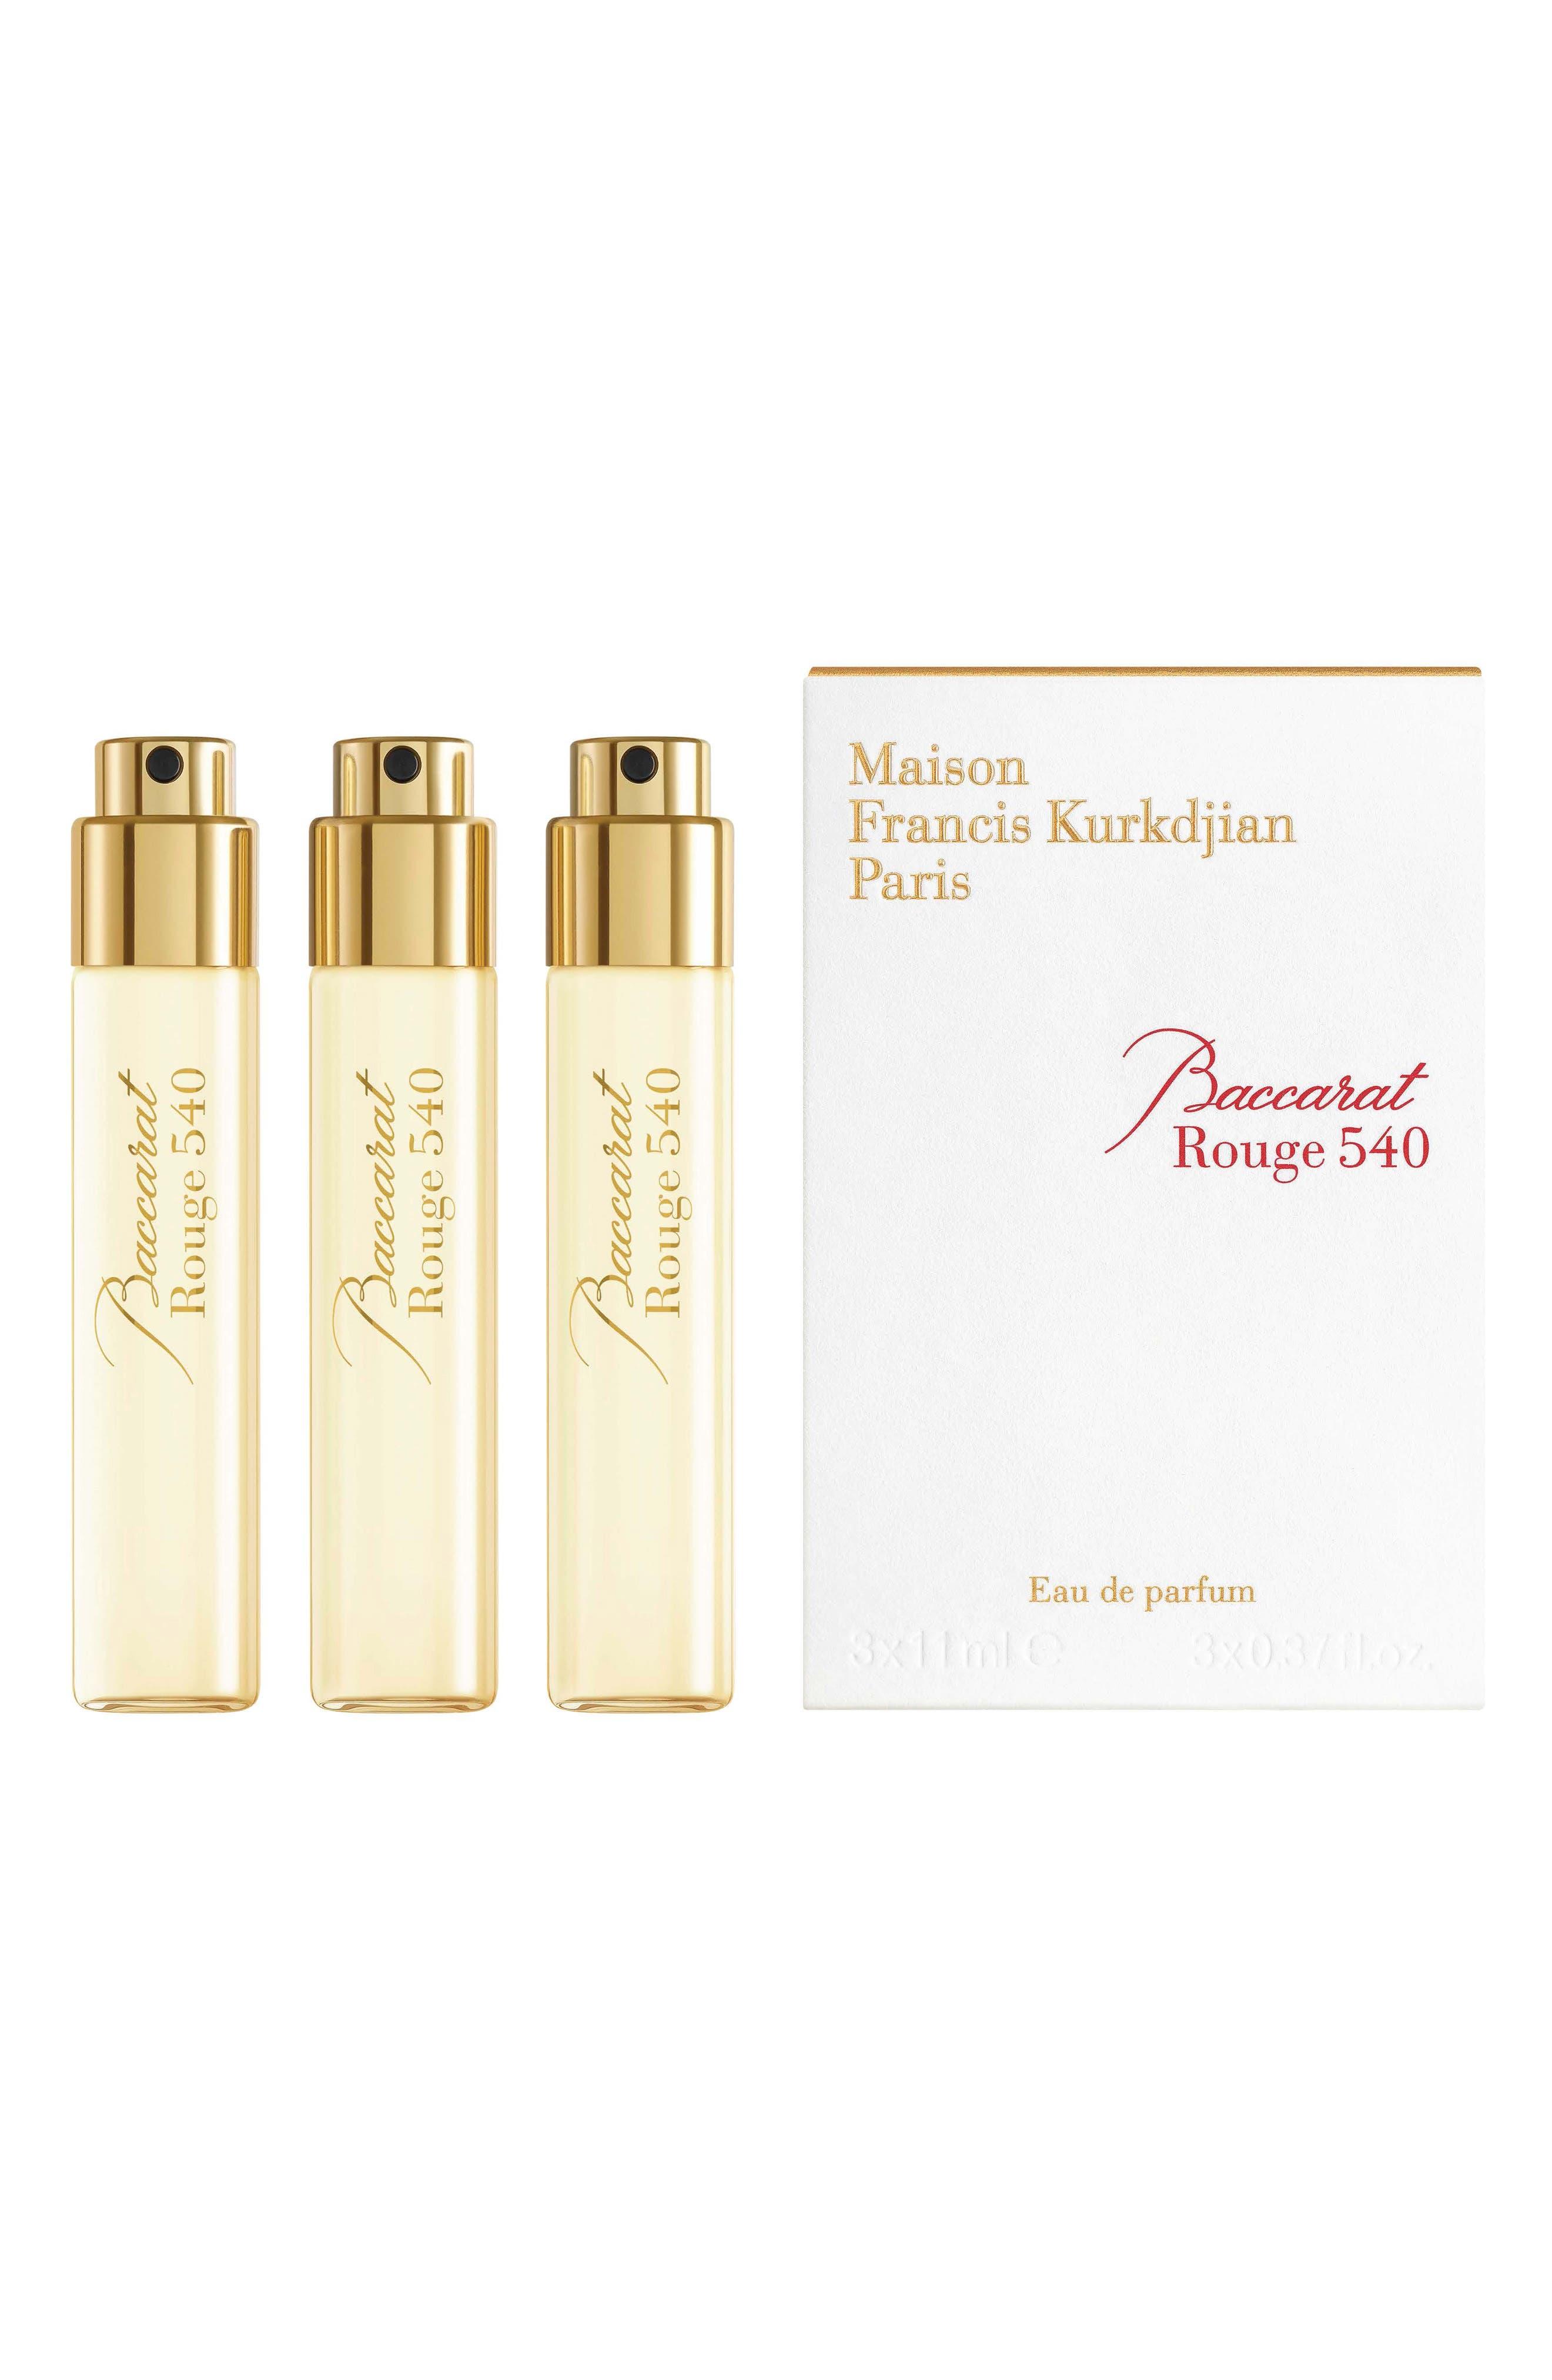 Paris Baccarat Rouge 540 Eau De Parfum Refill Trio